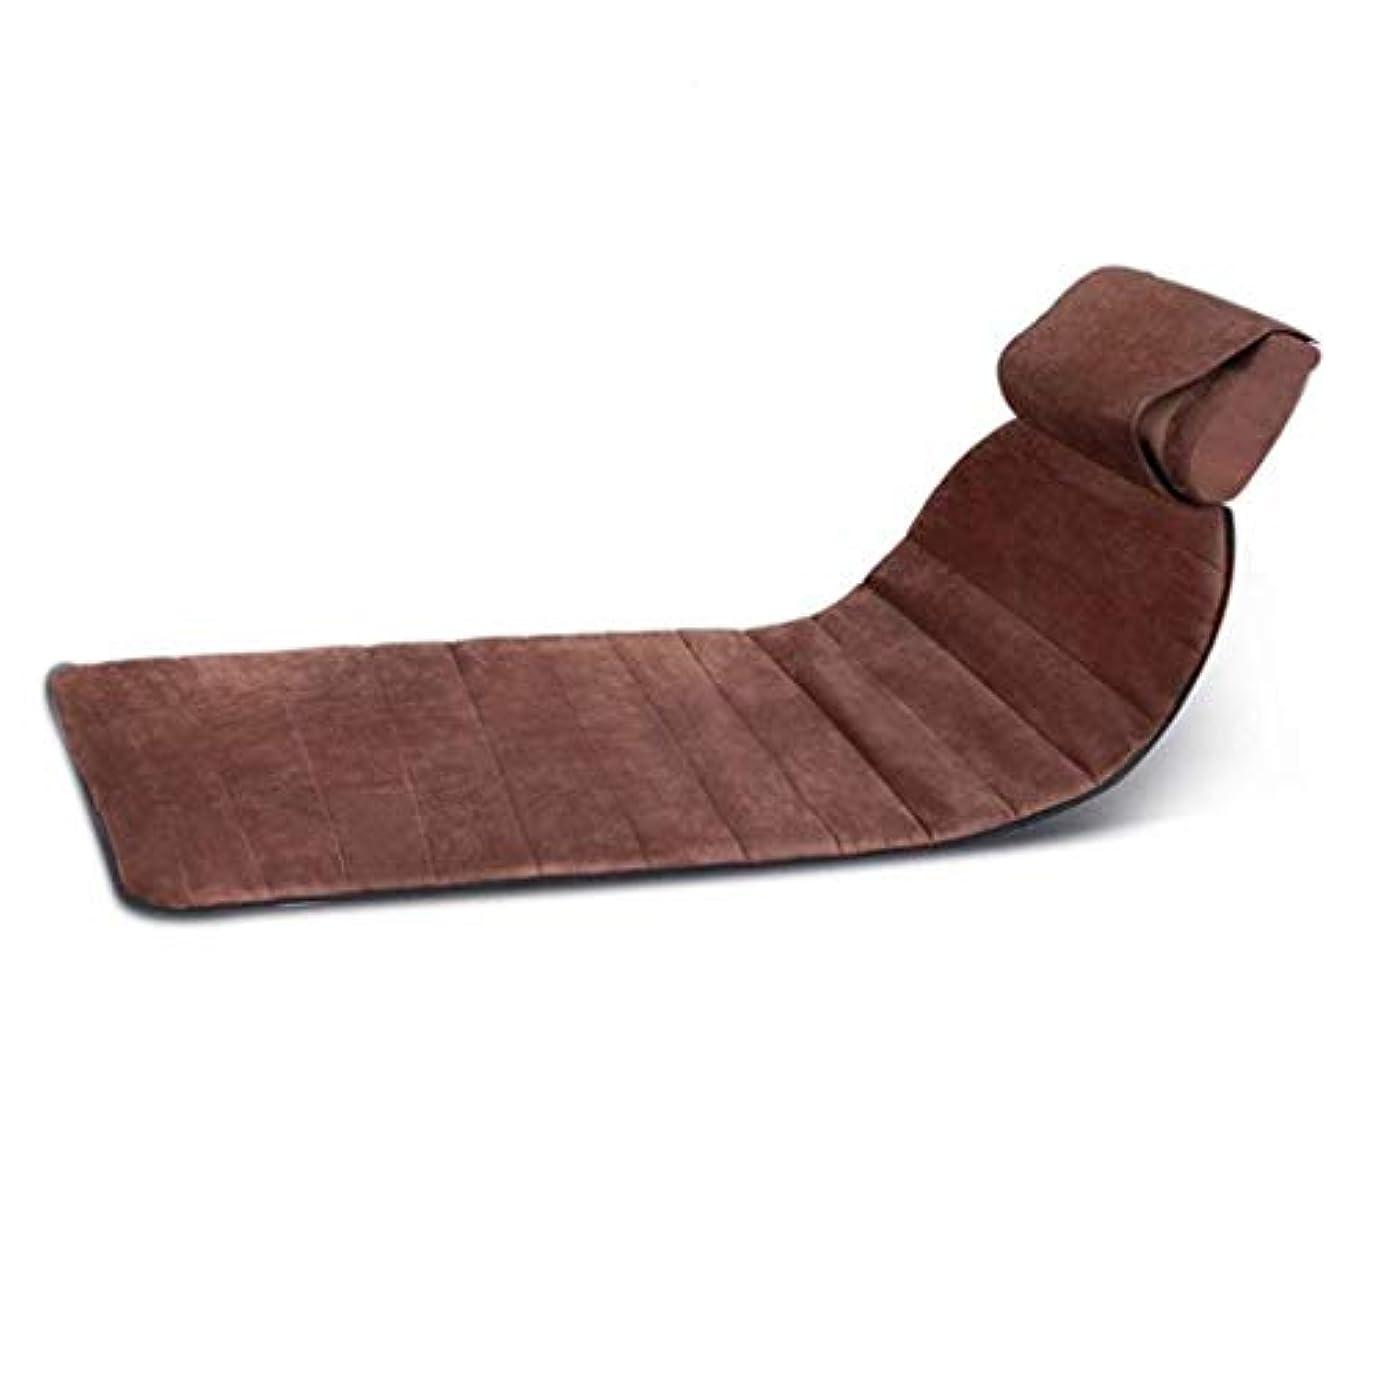 愛情分布ガロンマッサージクッション、折り畳み式フルボディマッサージマットレス、首と肩用の多機能加熱/振動マッサージパッド、ホームオフィスでの使用に適しており、ストレス/痛みを和らげ、筋肉をリラックス78 * 62cm